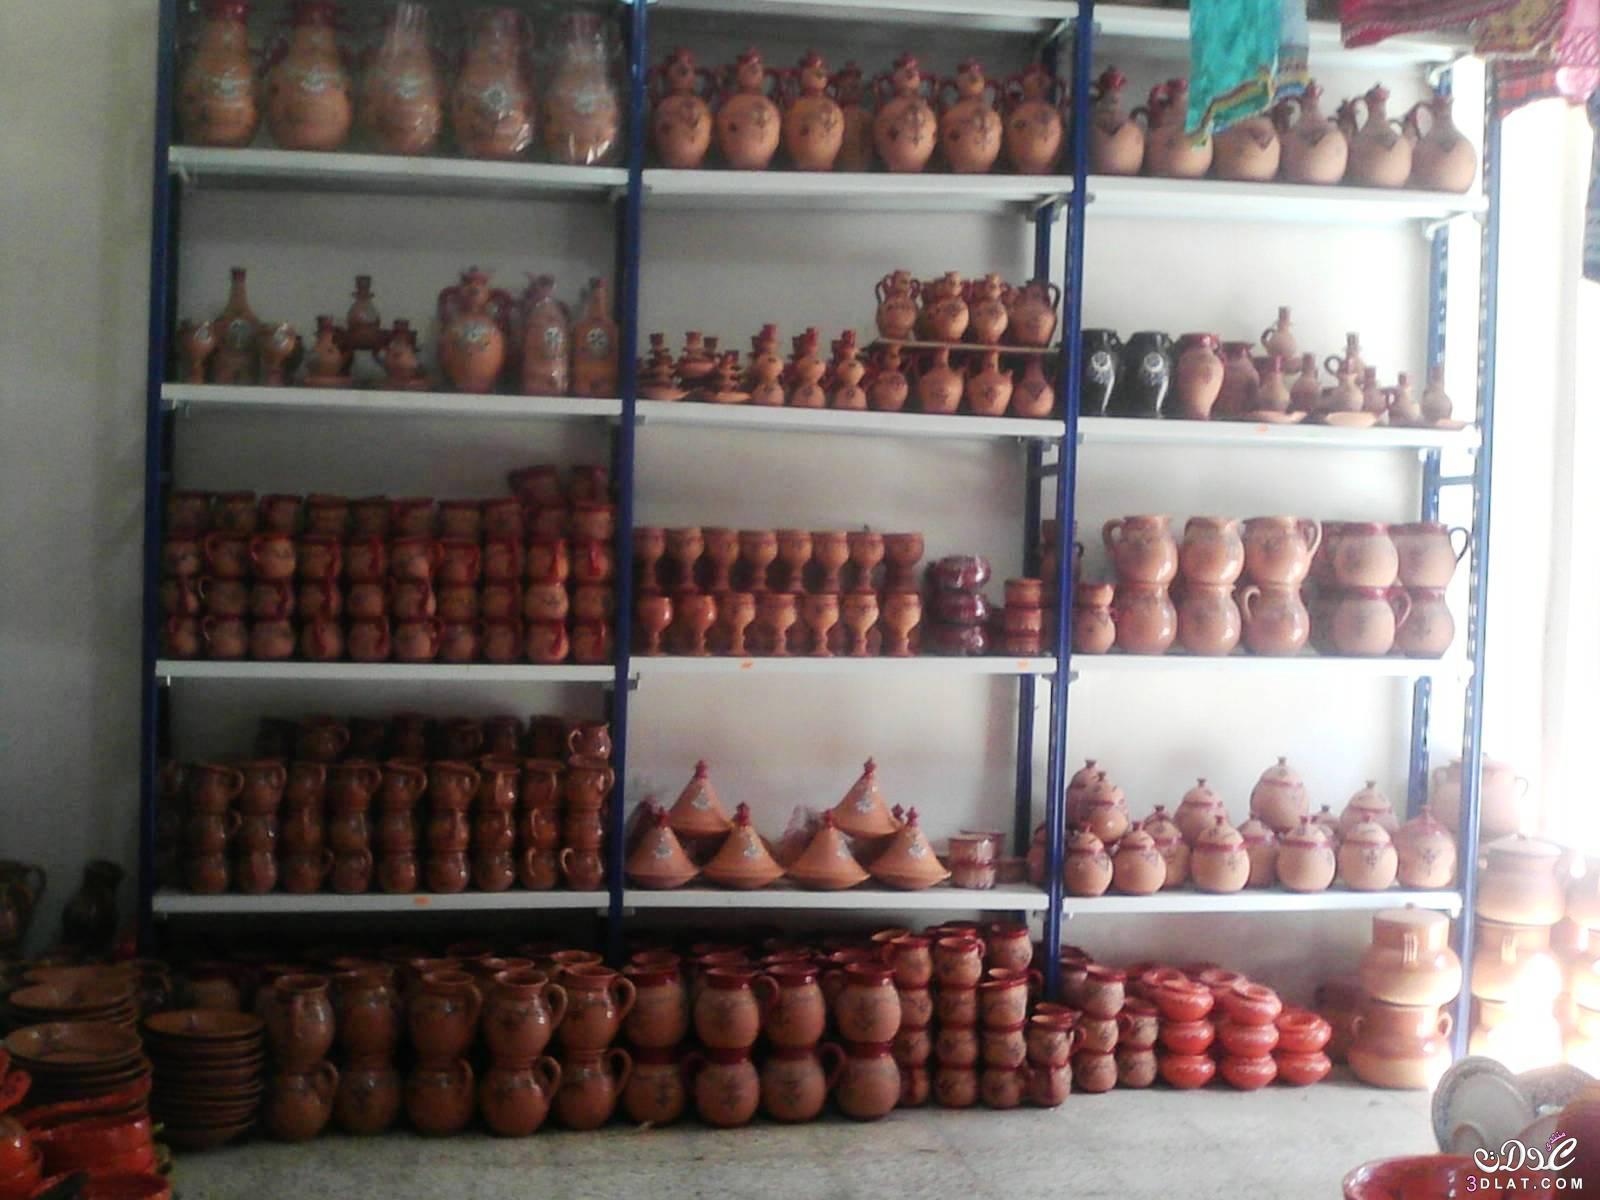 أواني فخارية من تصويري ,صور أواني للمطبخ من الفخار 3dlat.com_23_2014)11